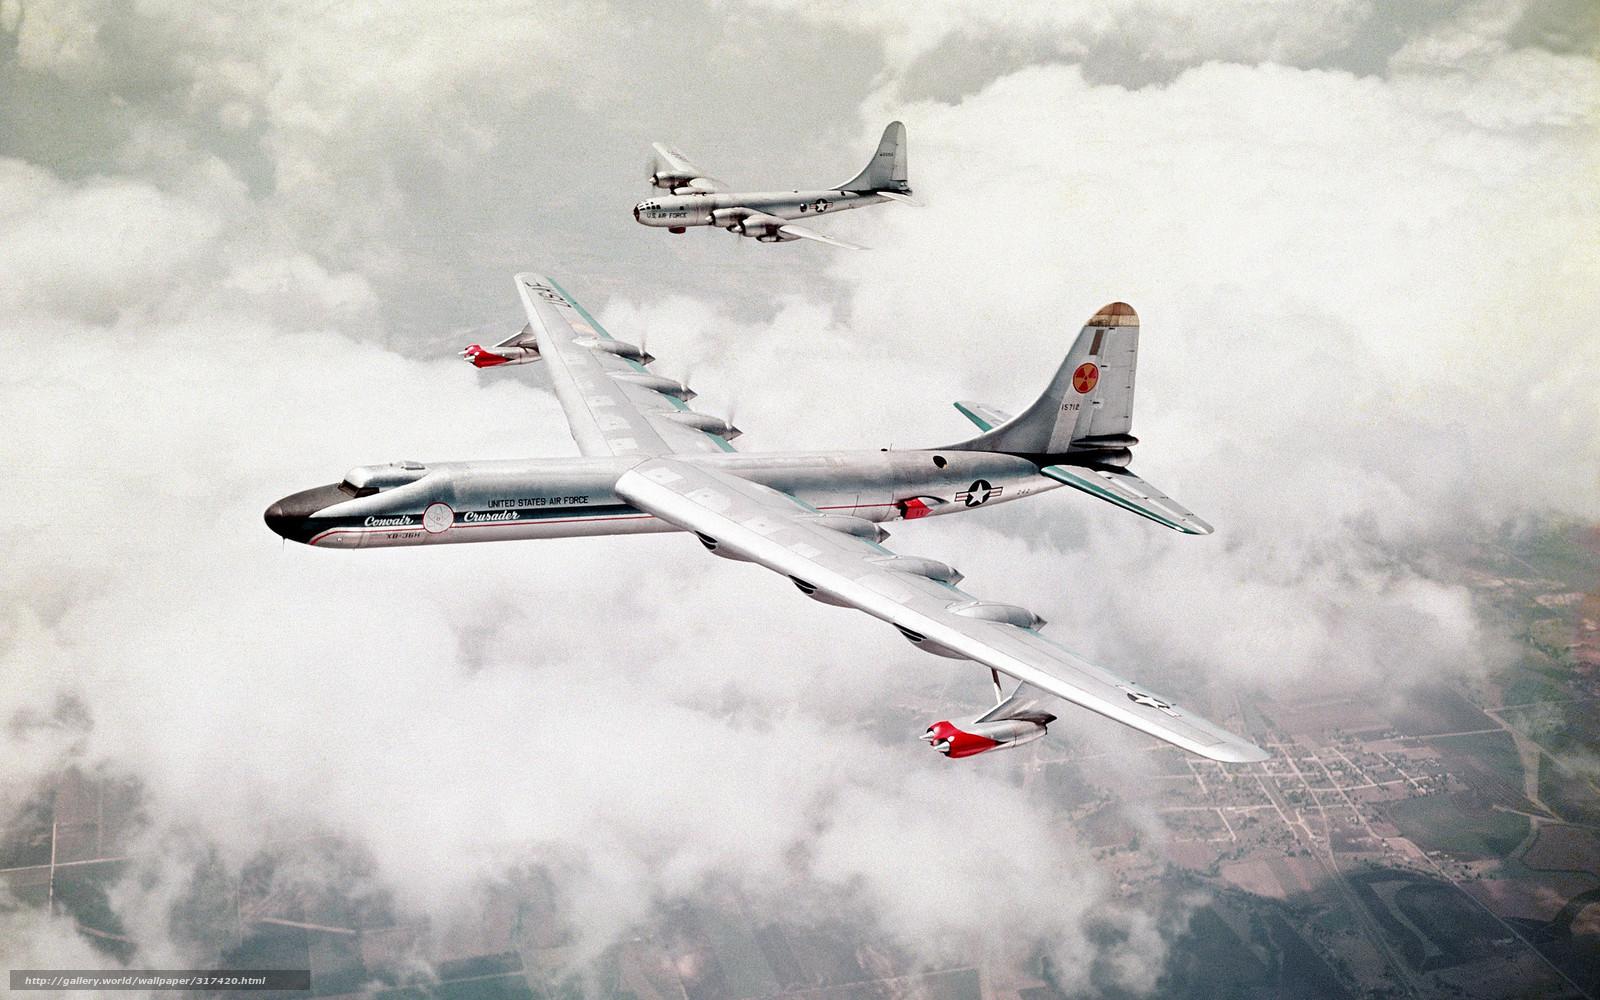 Скачать обои два,   самолёта,   бомбардировщики,   небо бесплатно для рабочего стола в разрешении 2560x1600 — картинка №317420